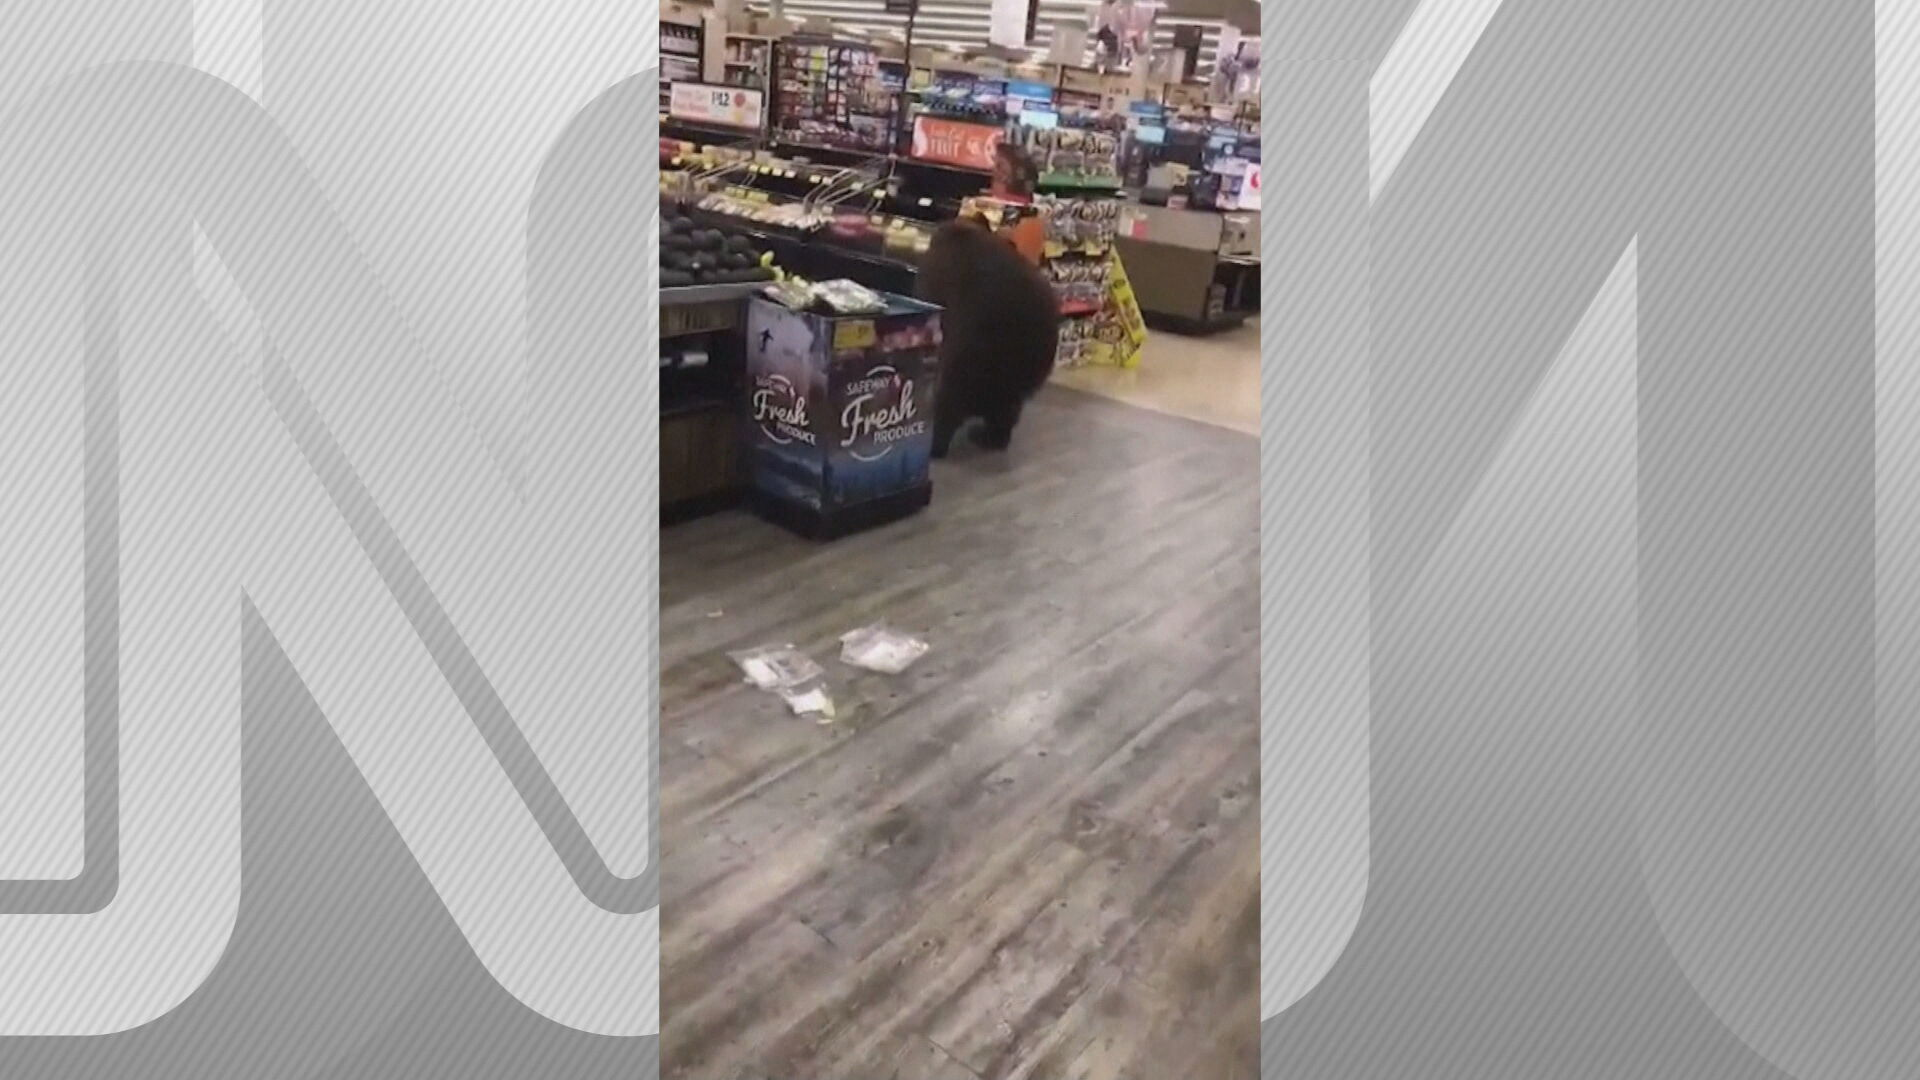 O urso mexe em mercadorias durante flagra em um supermercado na Califórnia, nos